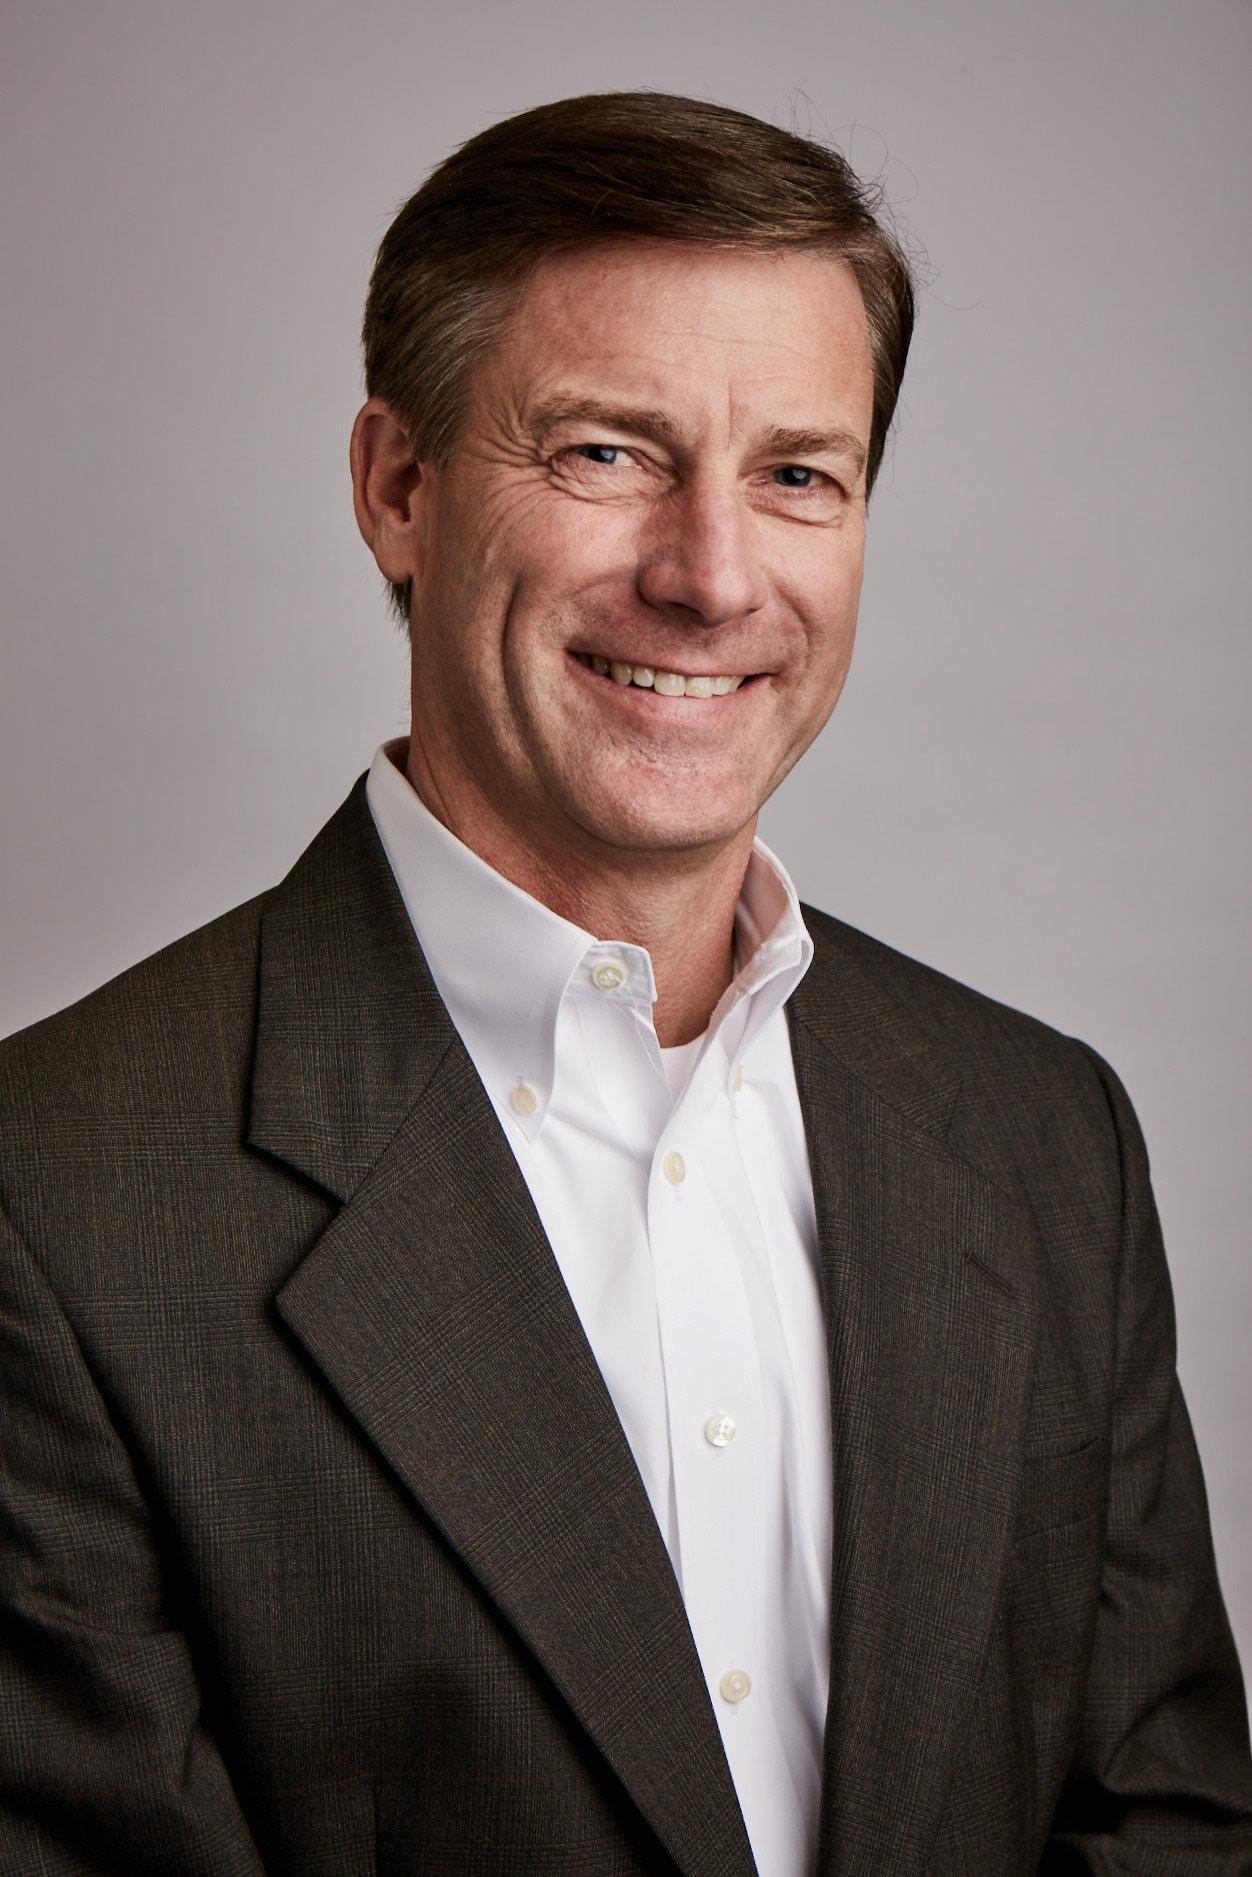 Jon M. Billington - Chief Financial Officer